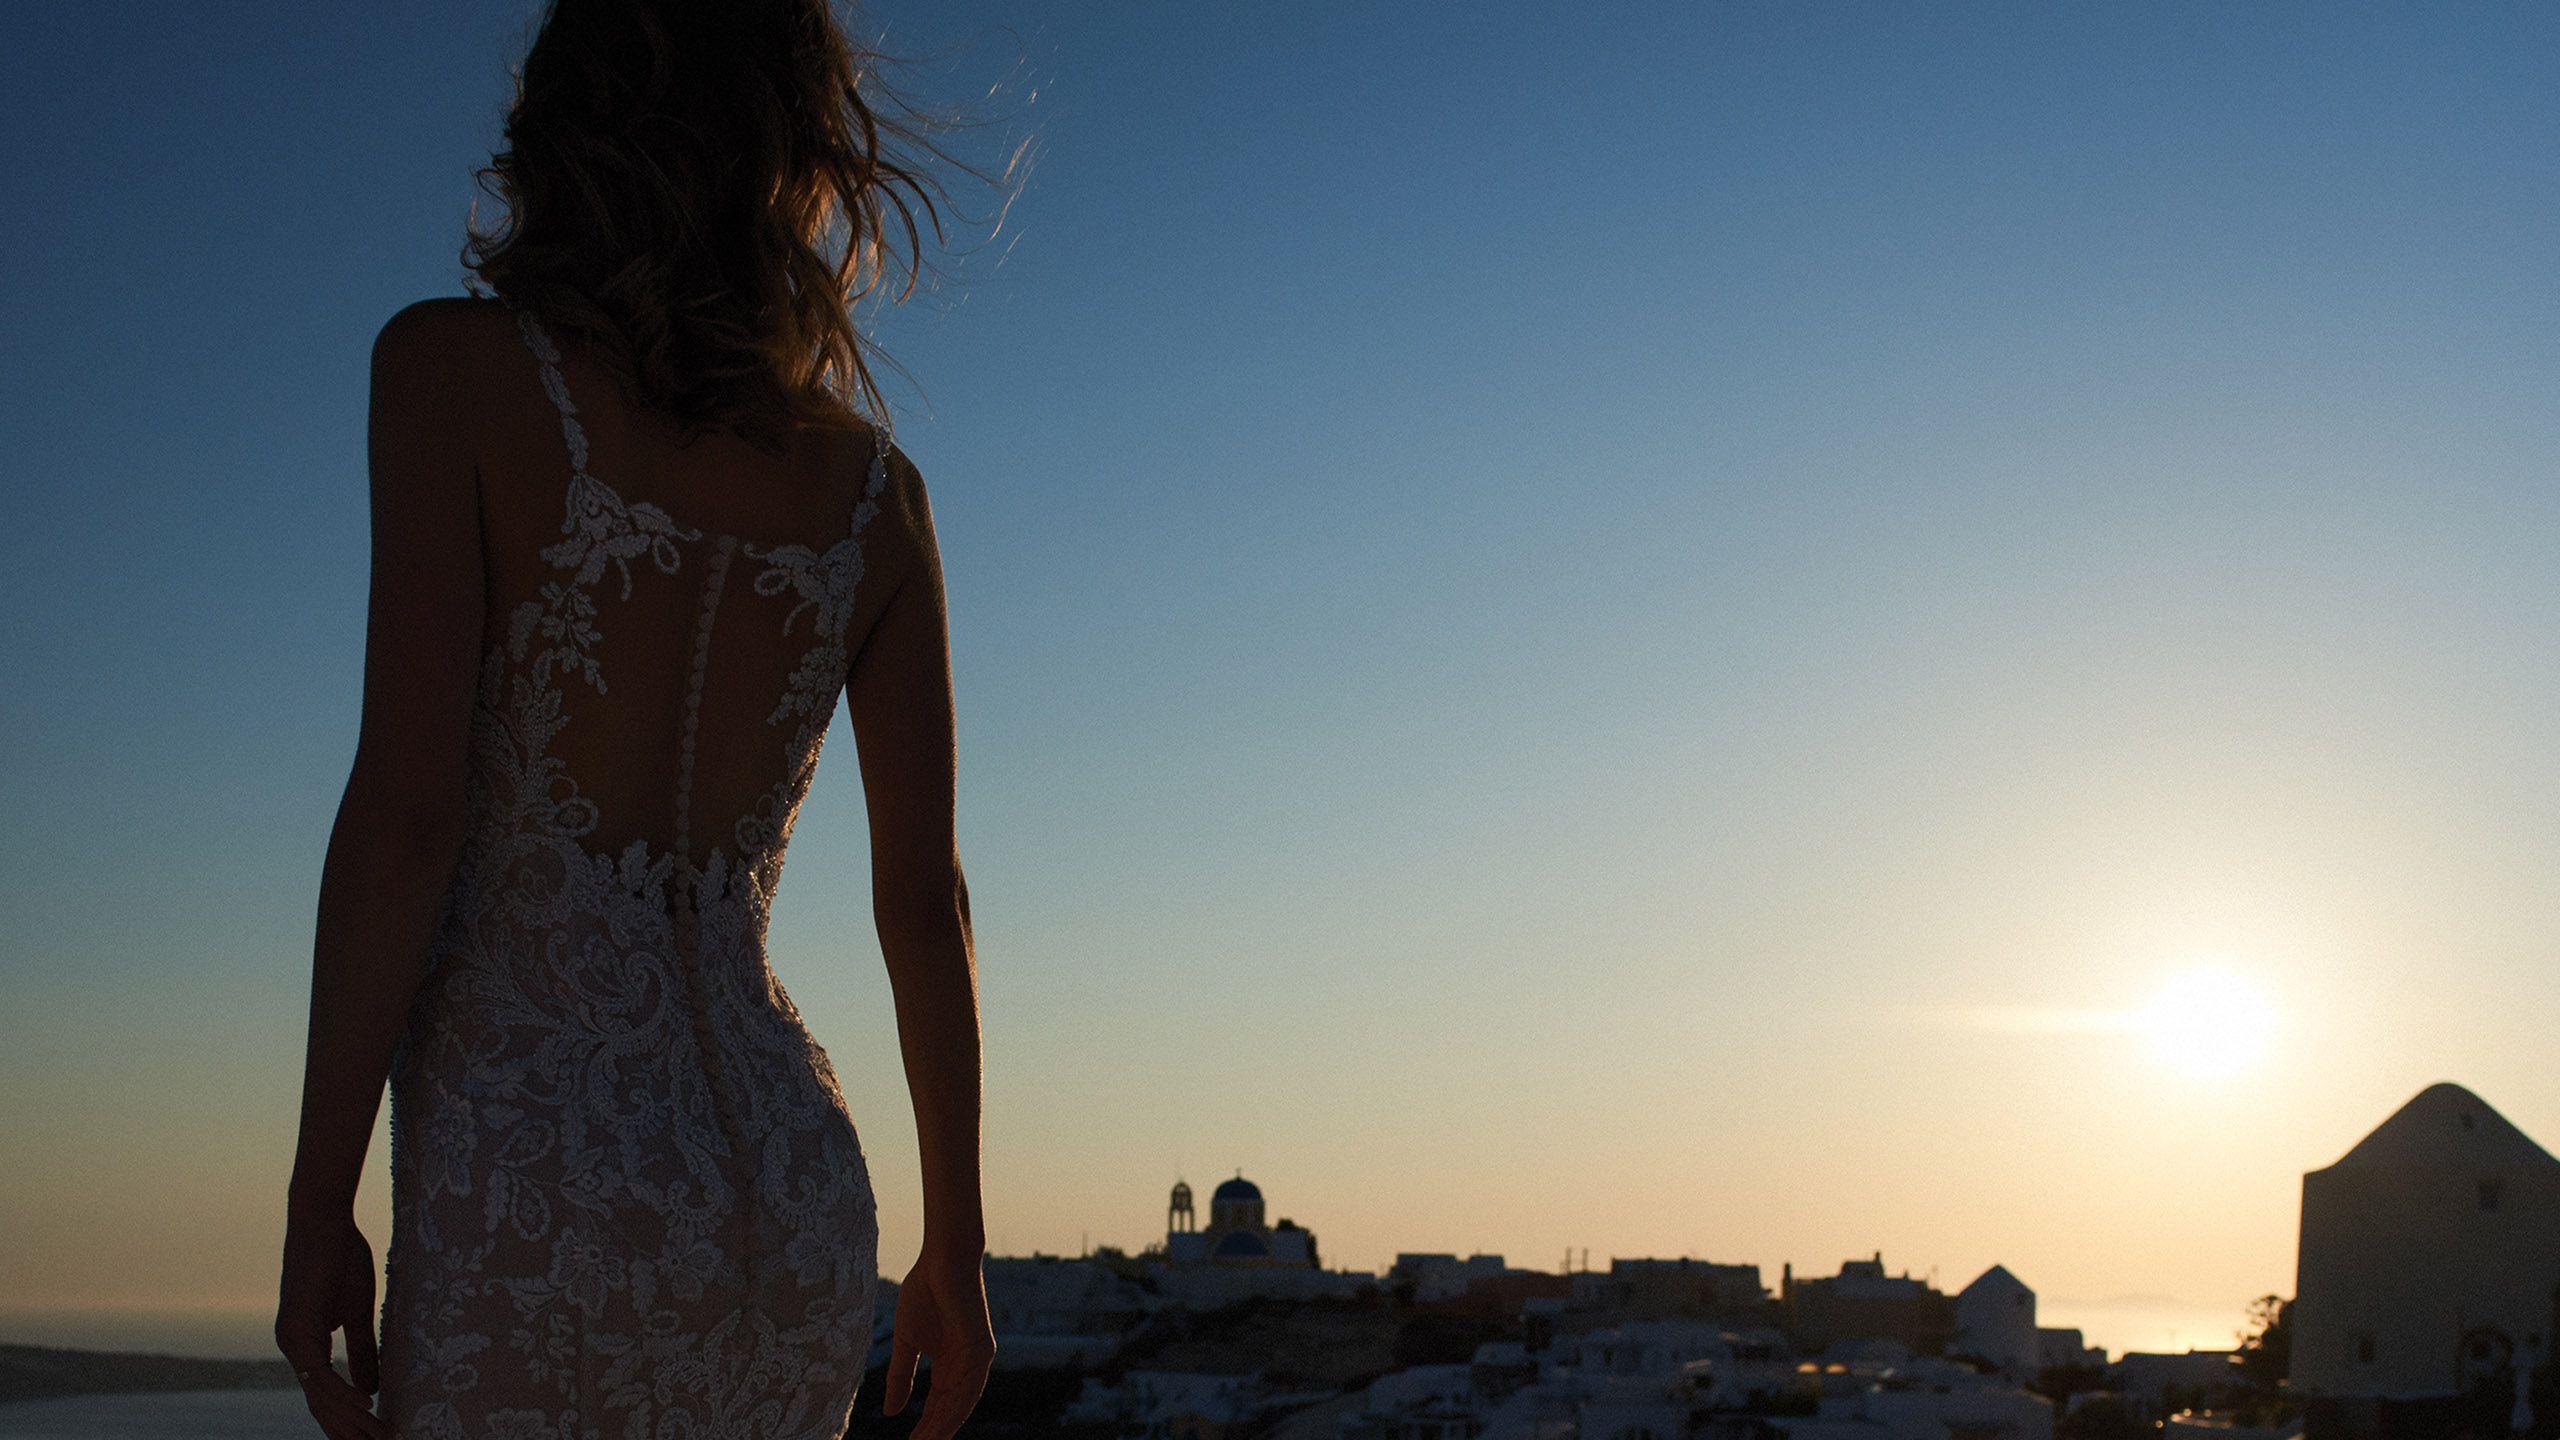 - Model 8960: Suknia trąbka z aplikacją z koronki wysadzana koralikami i wycięciem na plecach